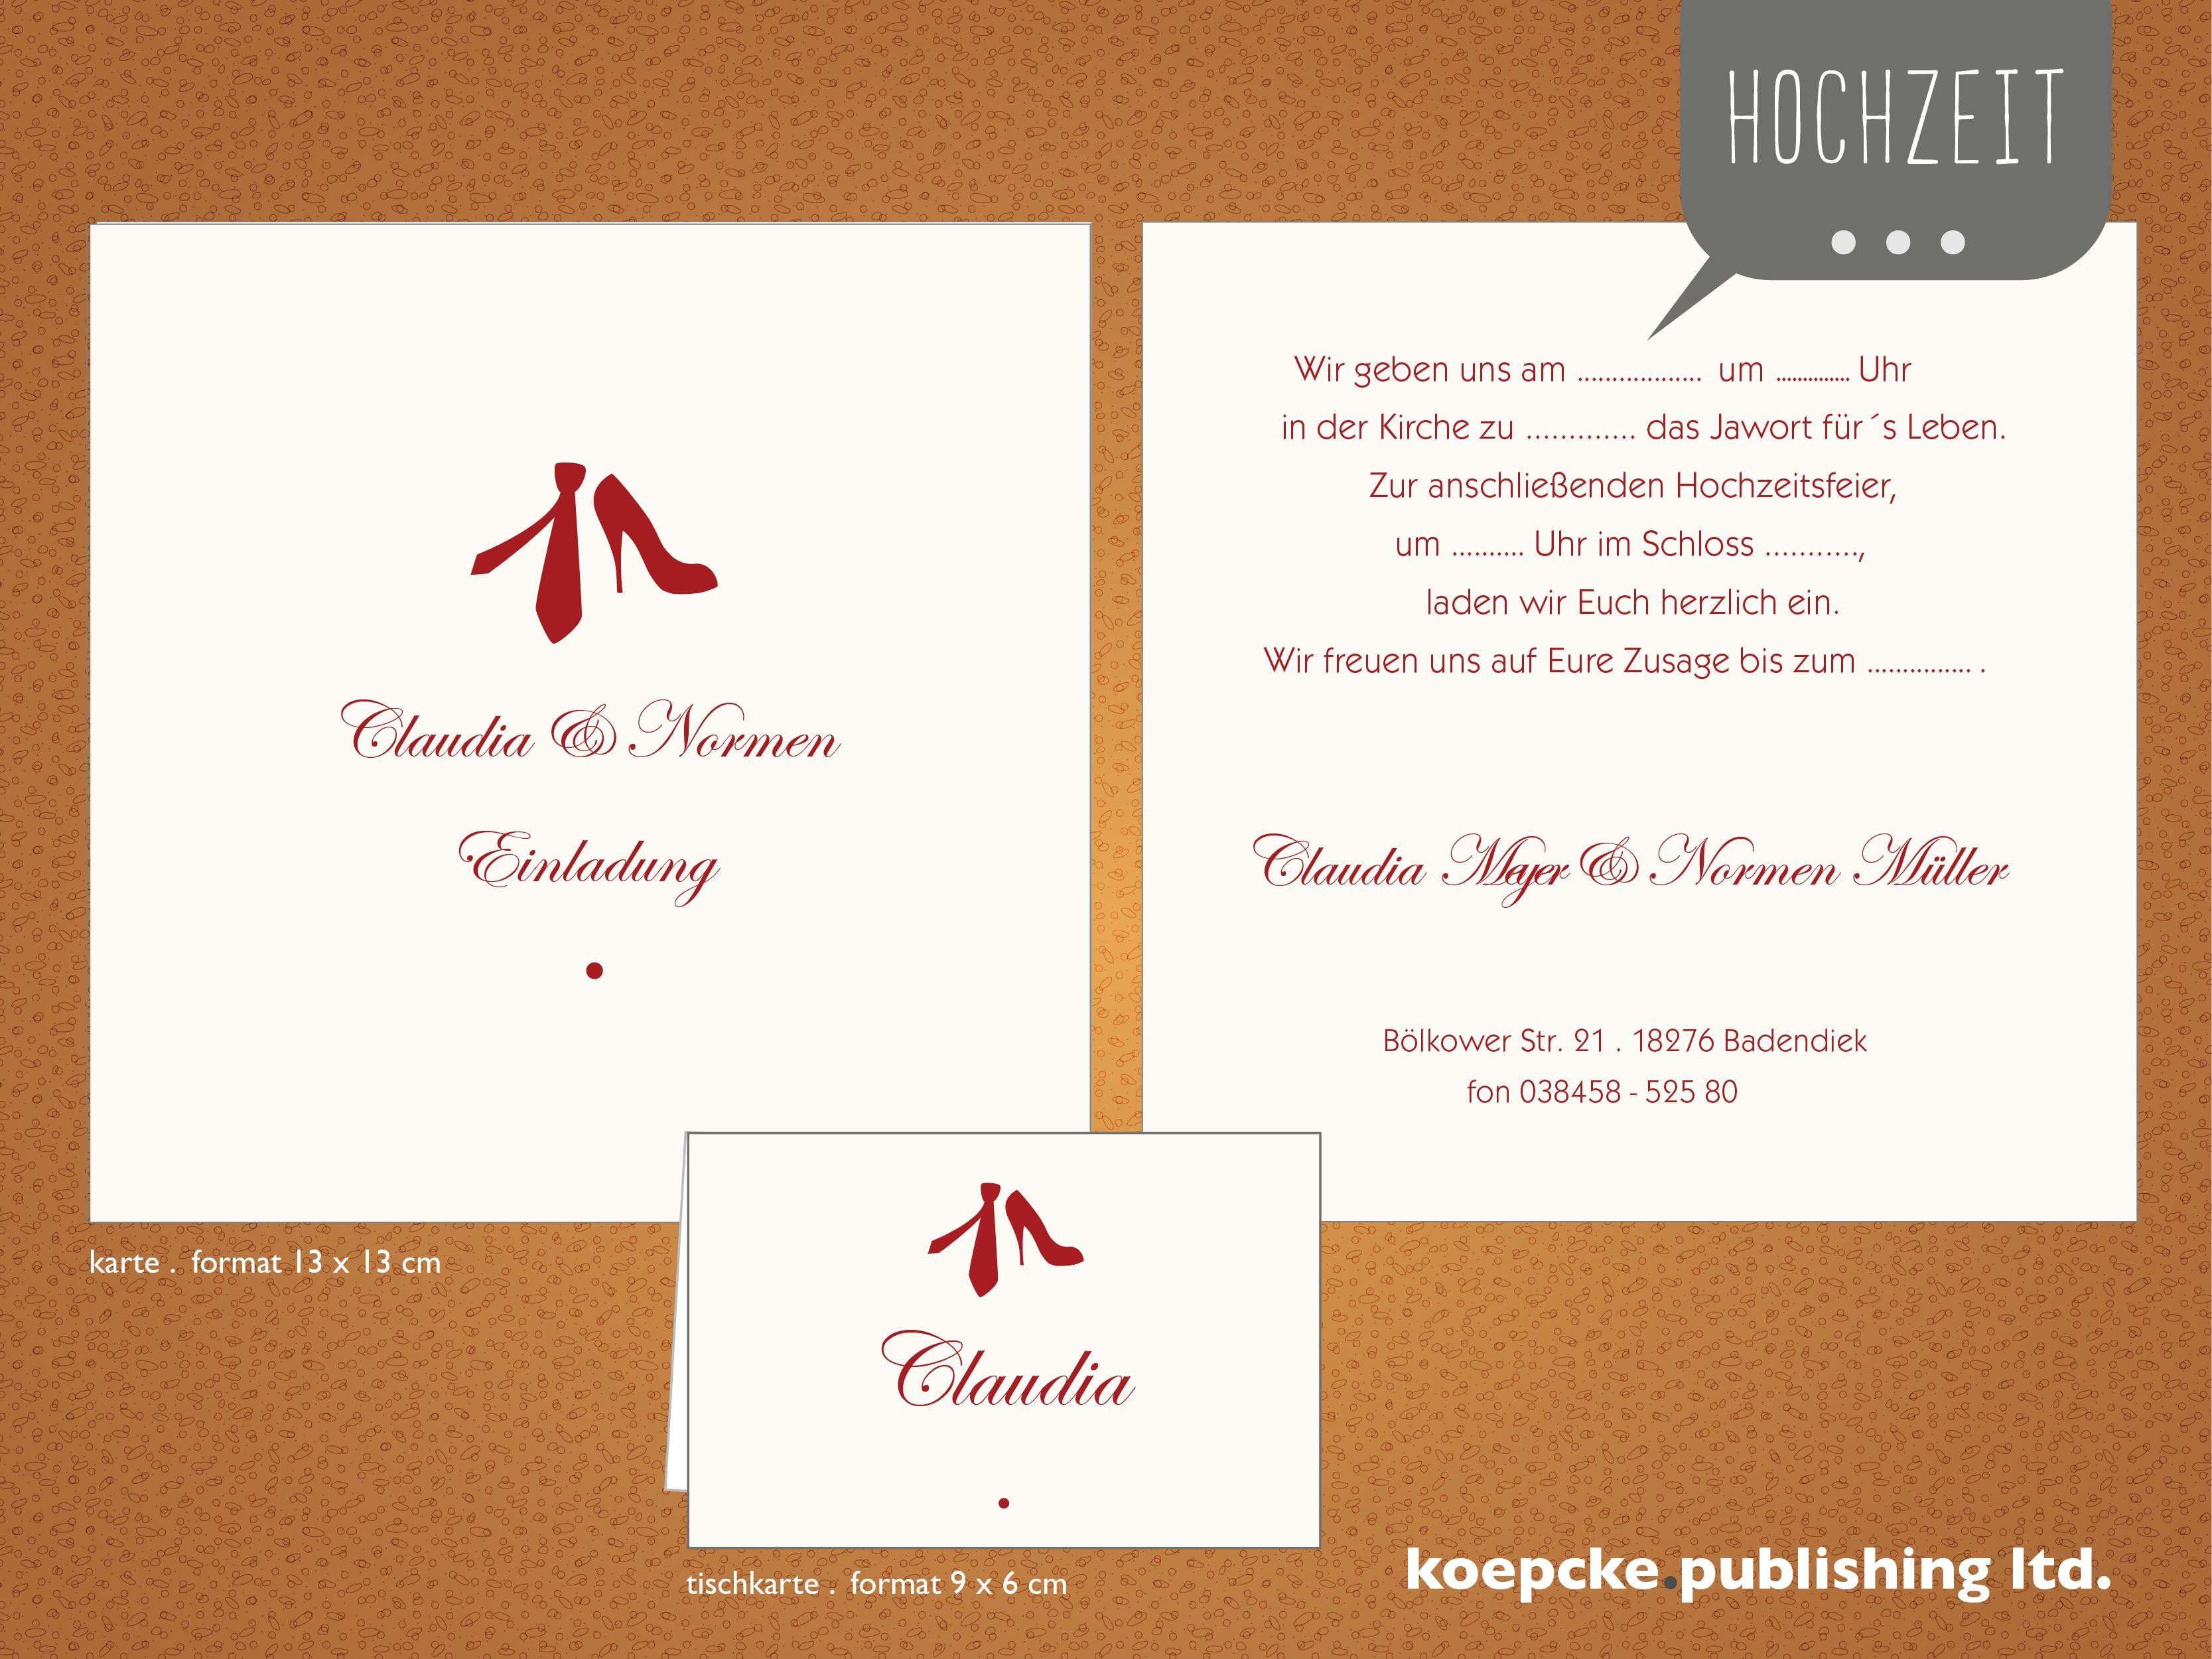 Einladungskarten Hochzeit Wedding Savethedate Hochzeitkarten Papeterie Invitatio Einladungen Hochzeit Einladung Hochzeit Text Einladung Goldene Hochzeit